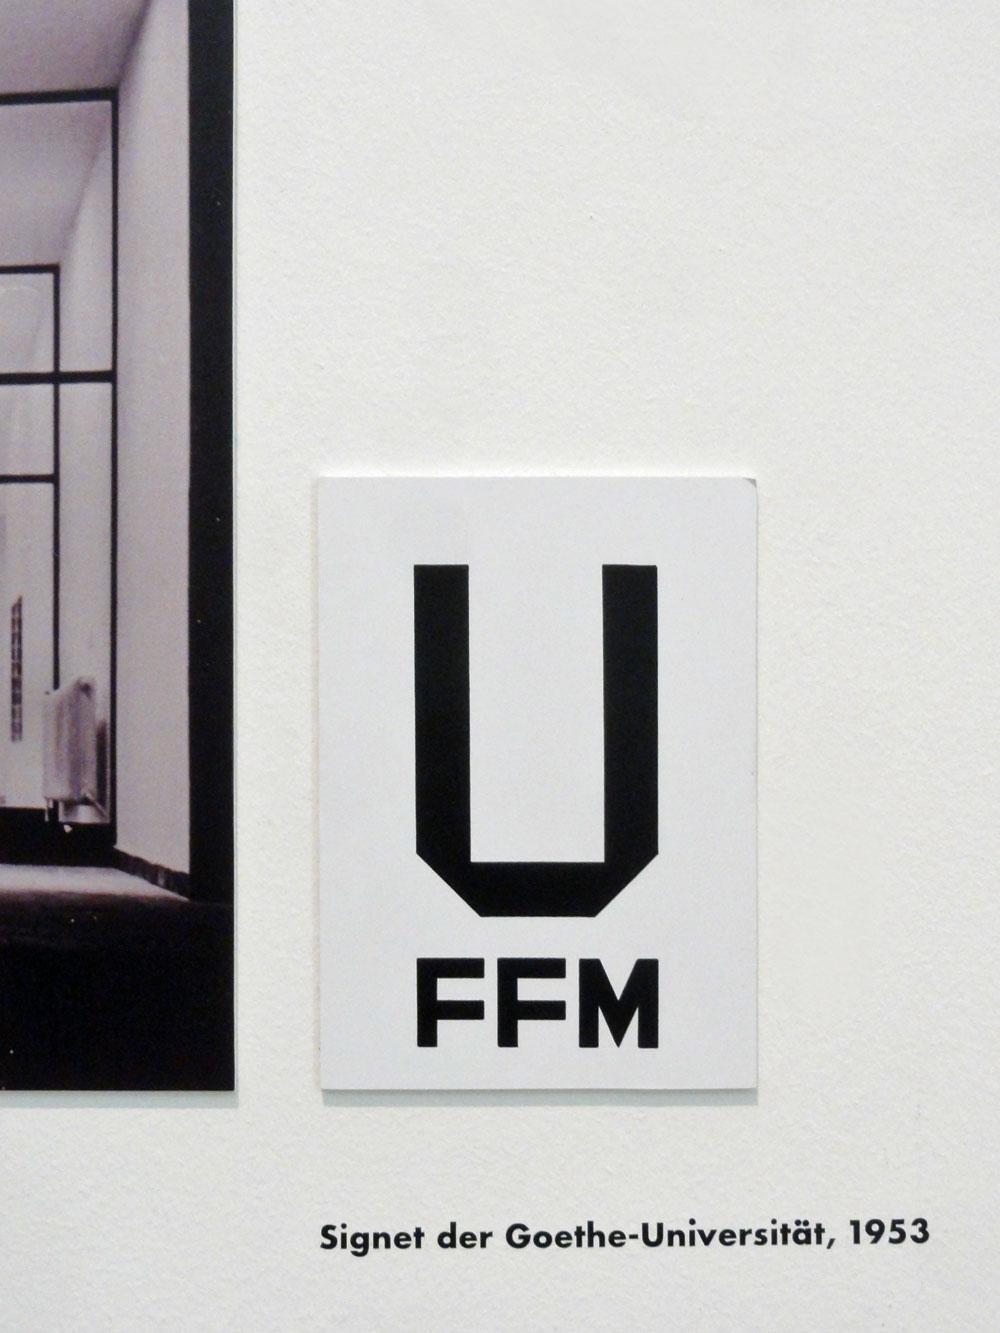 Signet der Goethe Universität - 100 Jahre Neue Typografie und Neue Grafik in Frankfurt - Ausstellung im Museum Angewandte Kunst Frankfurt